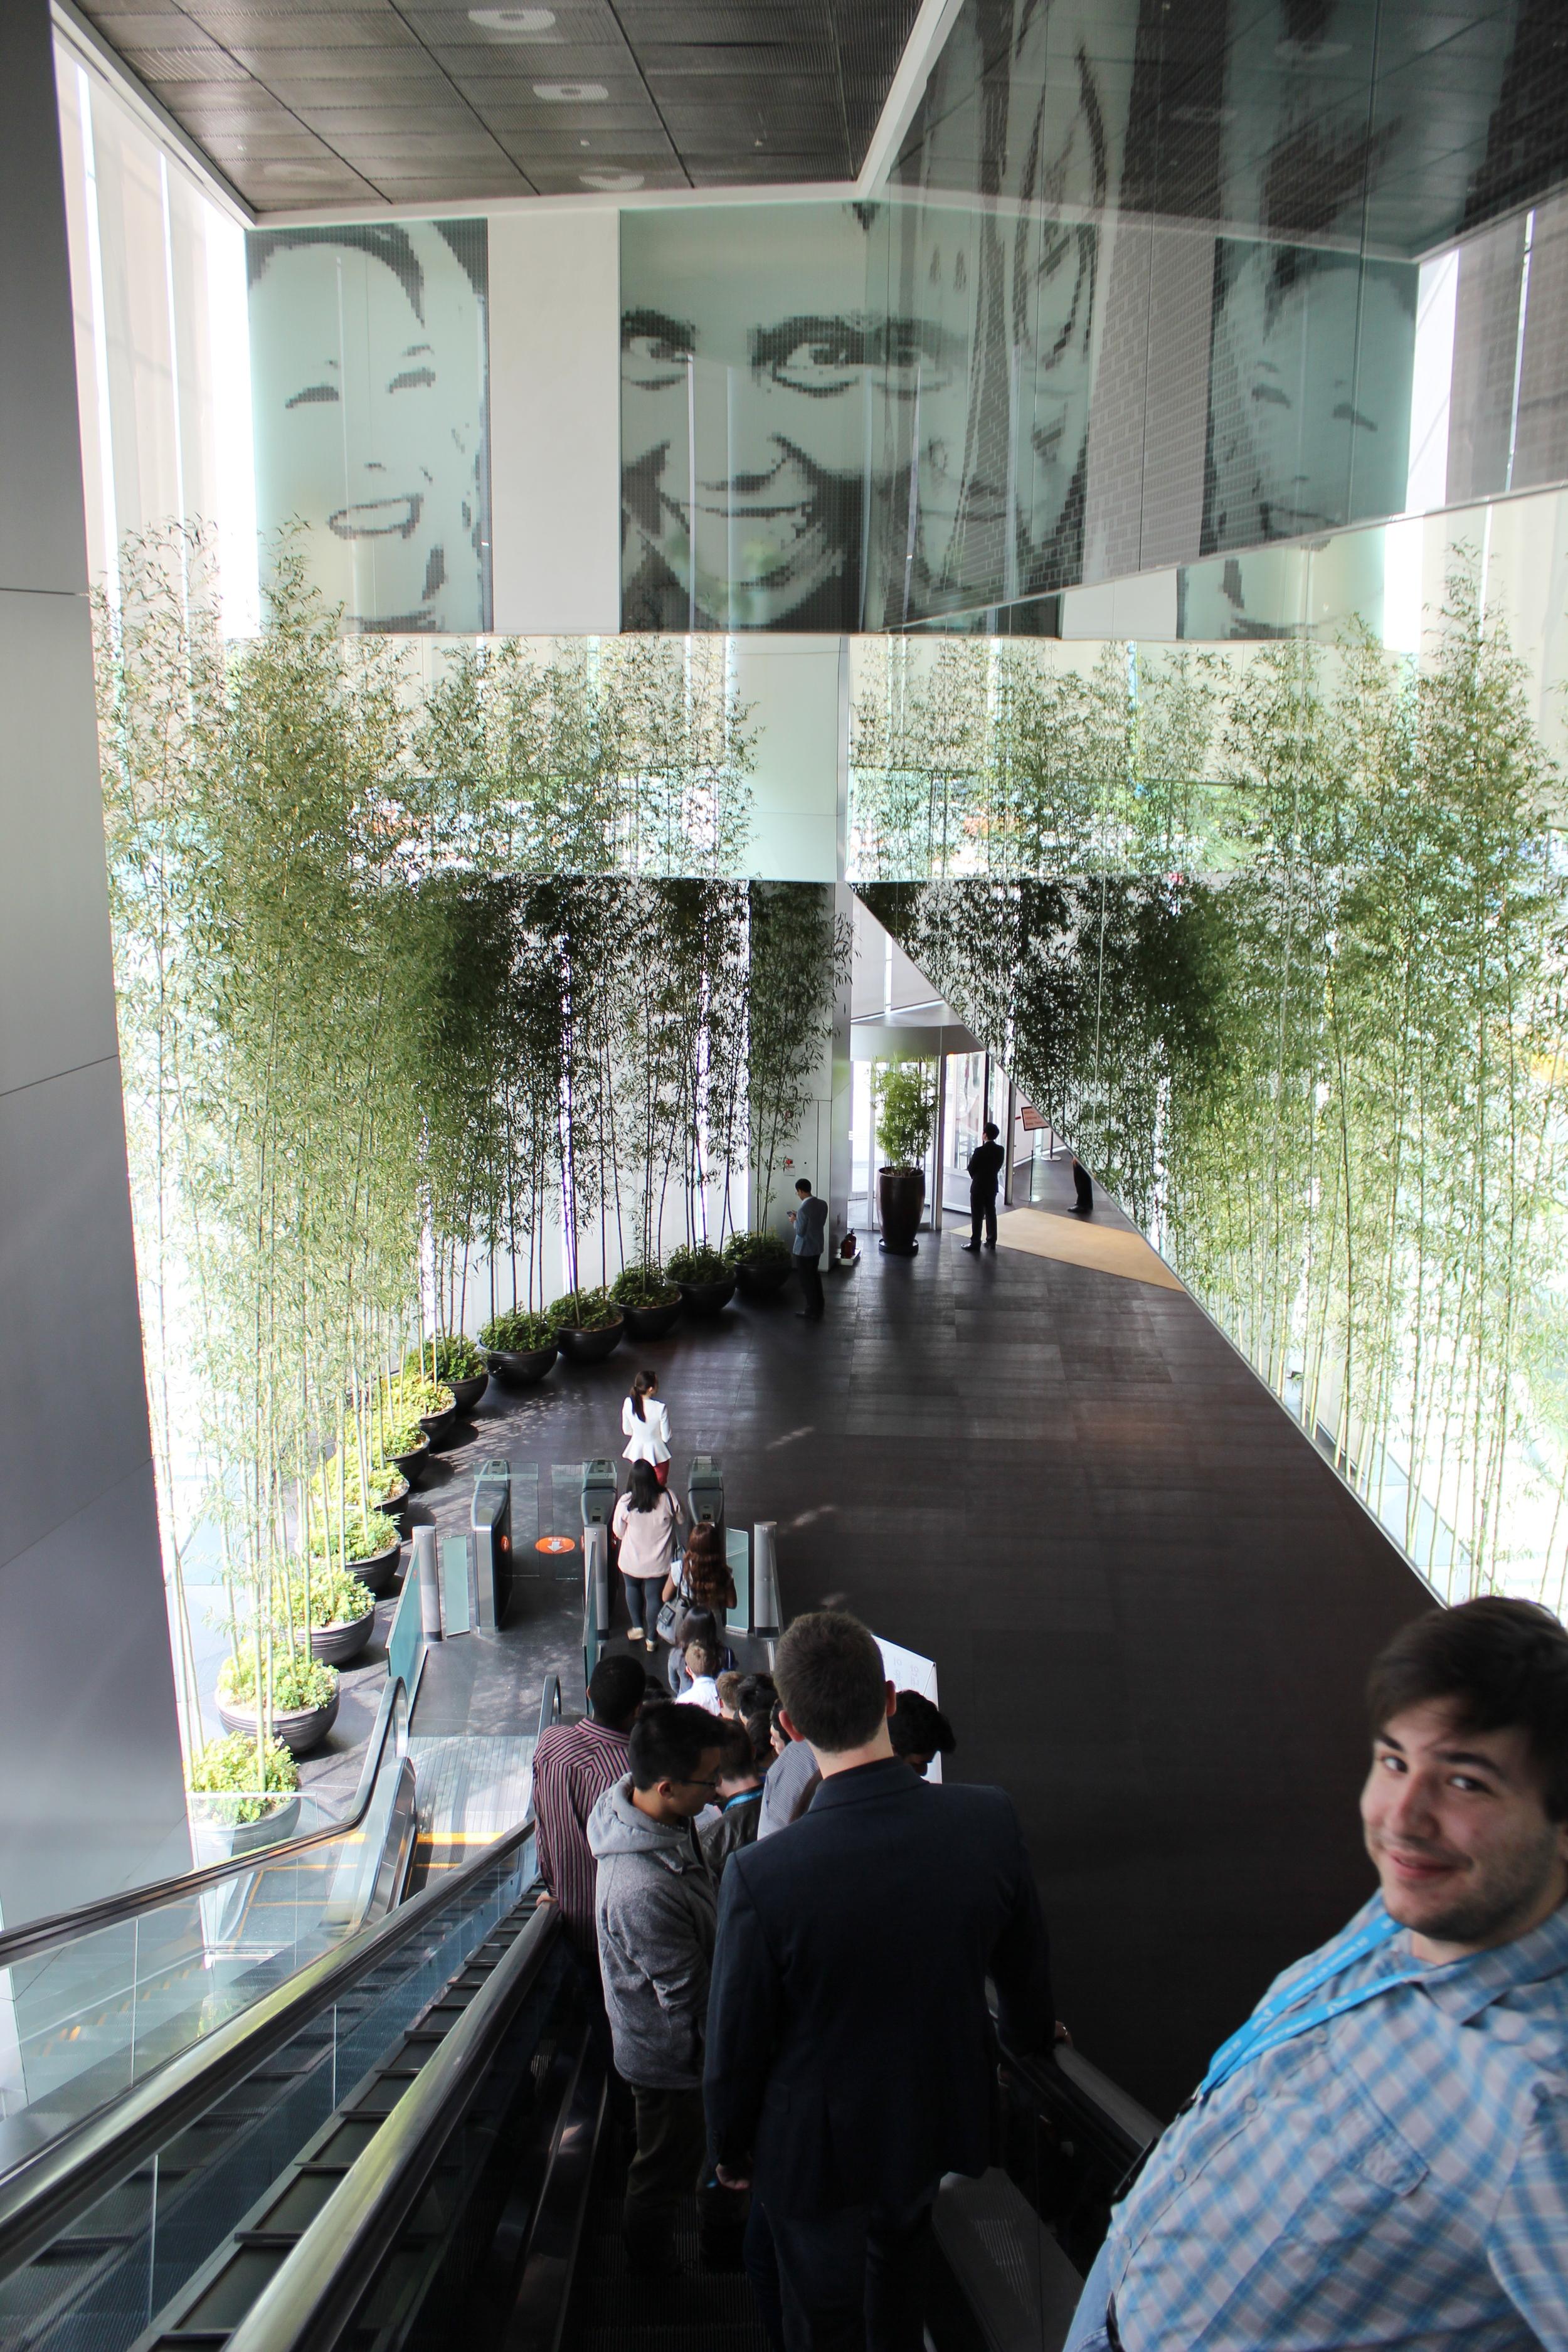 SK Telecom, Seoul, South Korea